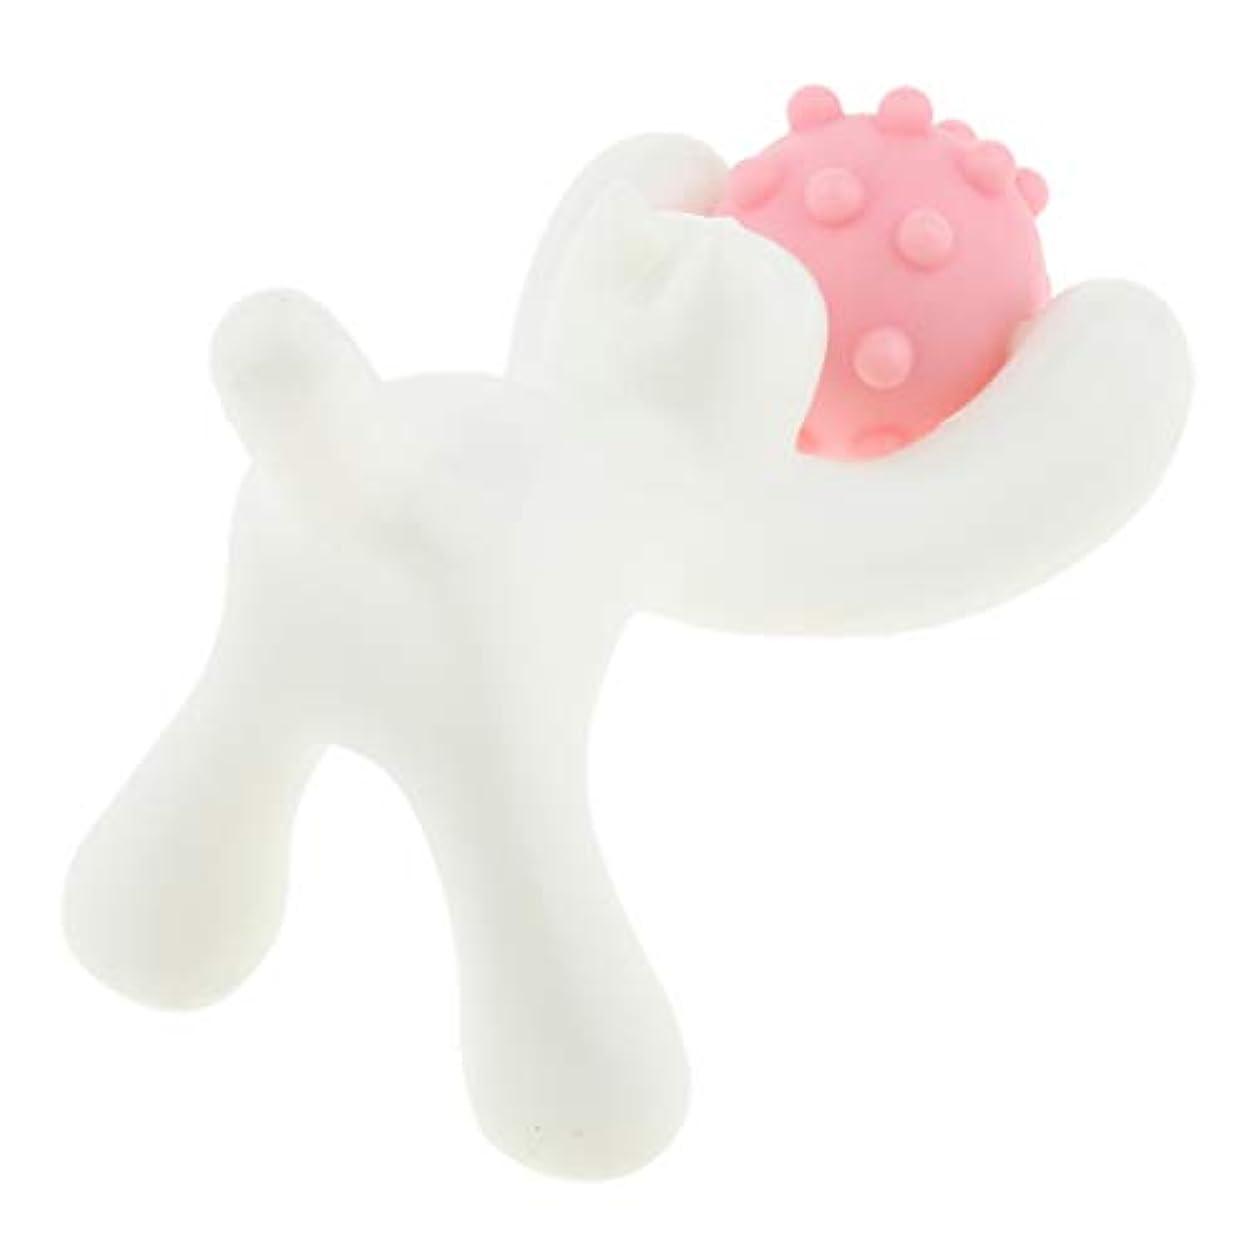 器用居住者モードリンFLAMEER フェイスローラー 美顔ローラー フェイス ボディー用 マッサージローラー 猫の形 快適 3色選ぶ - ピンク